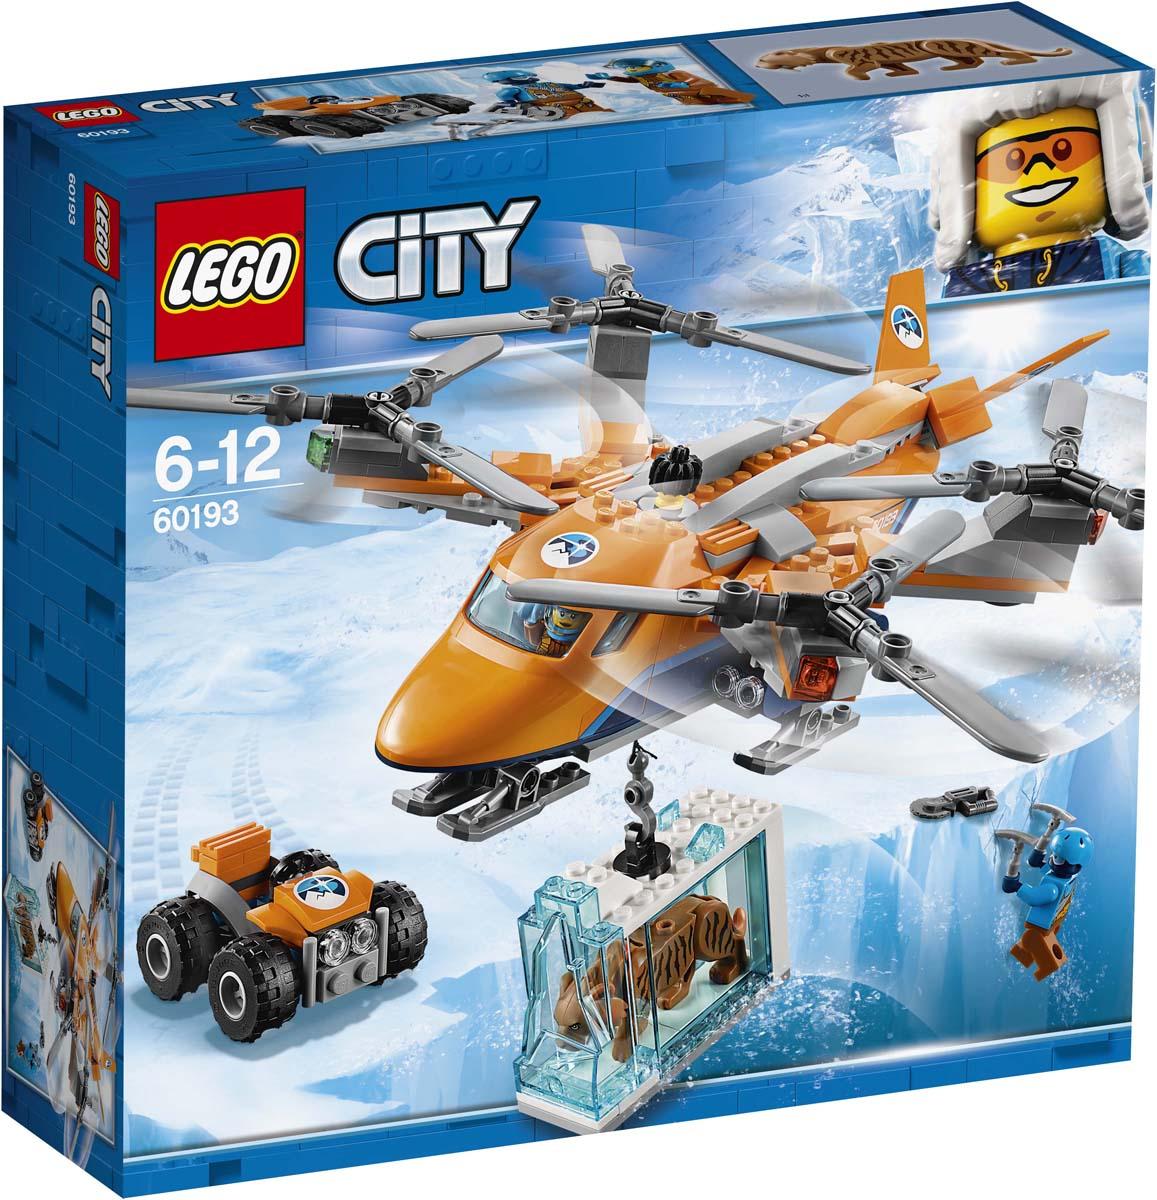 LEGO City Arctic Expedition 60193 Арктический вертолет Конструктор60193Зовите пилота; мы повезём на арктическом вертолёте LEGO® City важный груз! Забирайся на край ледниковой трещины и помоги перевести квадрокоптер в режим парения, чтобы пилот смог опустить крюк. Поймай крюк и закрепи на него ледяной блок, а затем дай команду на взлёт. Возвращайся на базу на мотовездеходе как можно скорее и изучи находку!